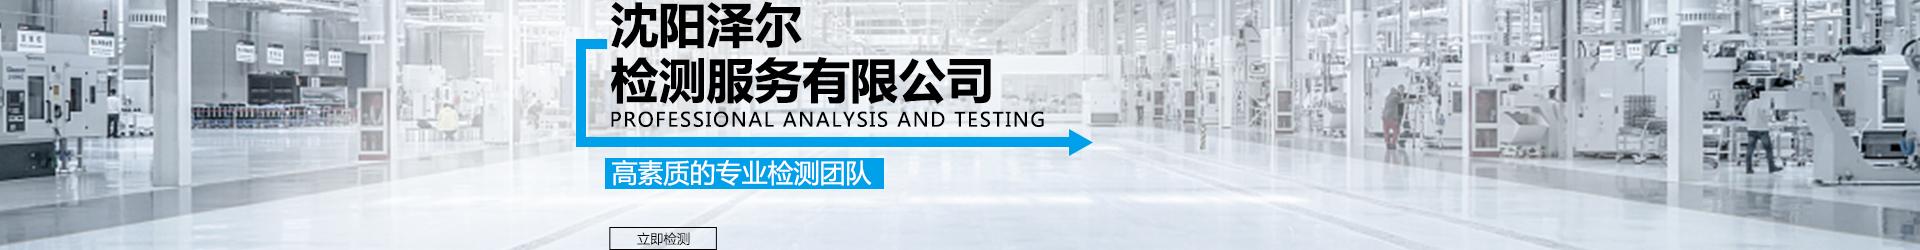 沈阳泽尔检测服务有限公司